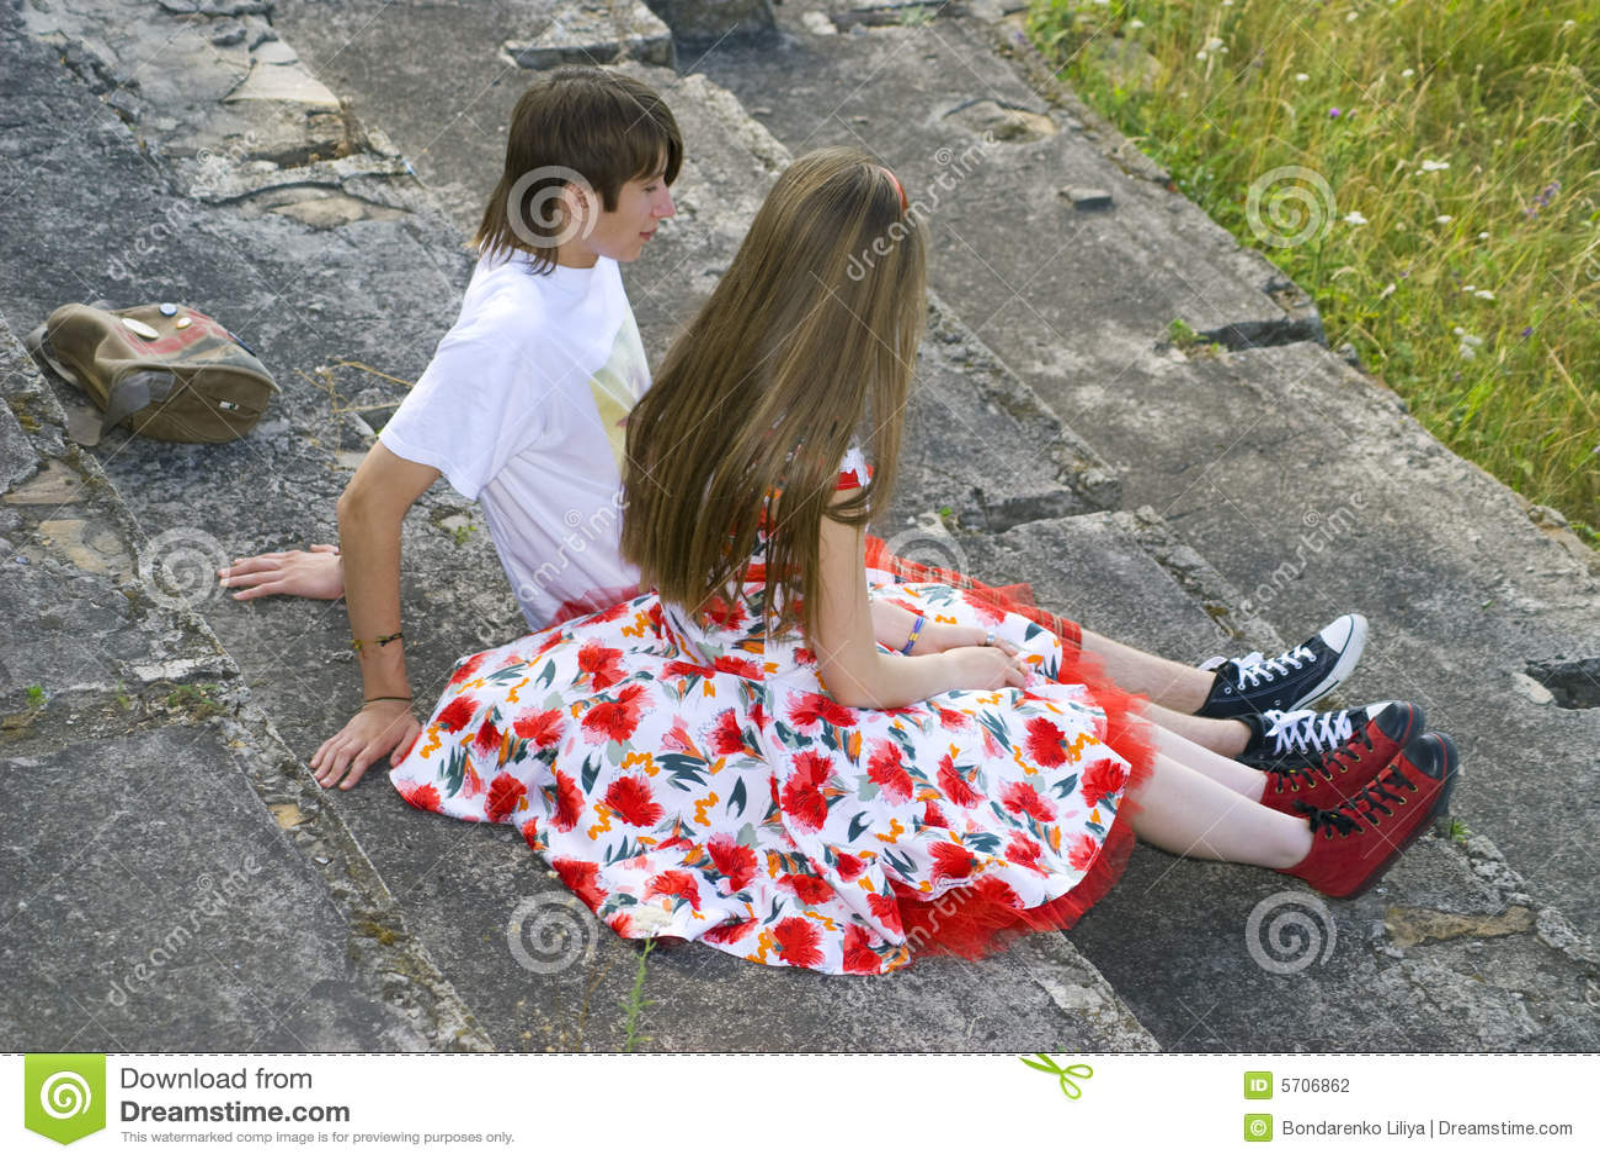 Le garçon et la fille